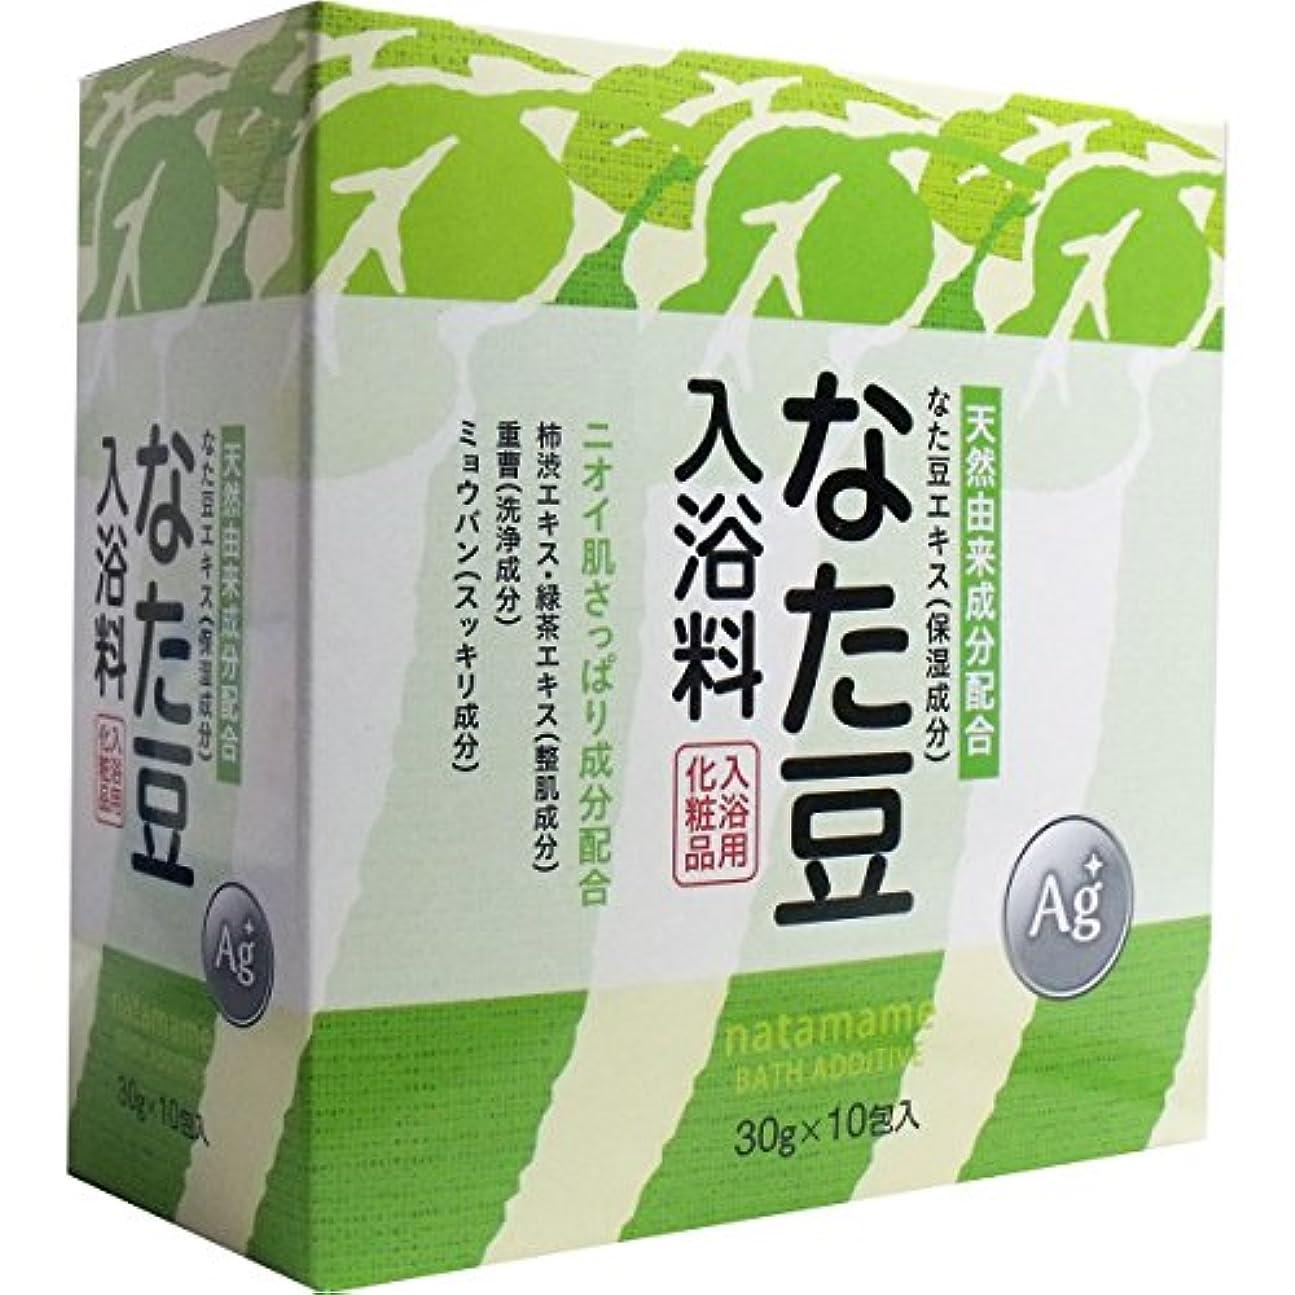 ゴミ箱を空にする全部海外でなた豆入浴料 入浴用化粧品 30g×10包入×2